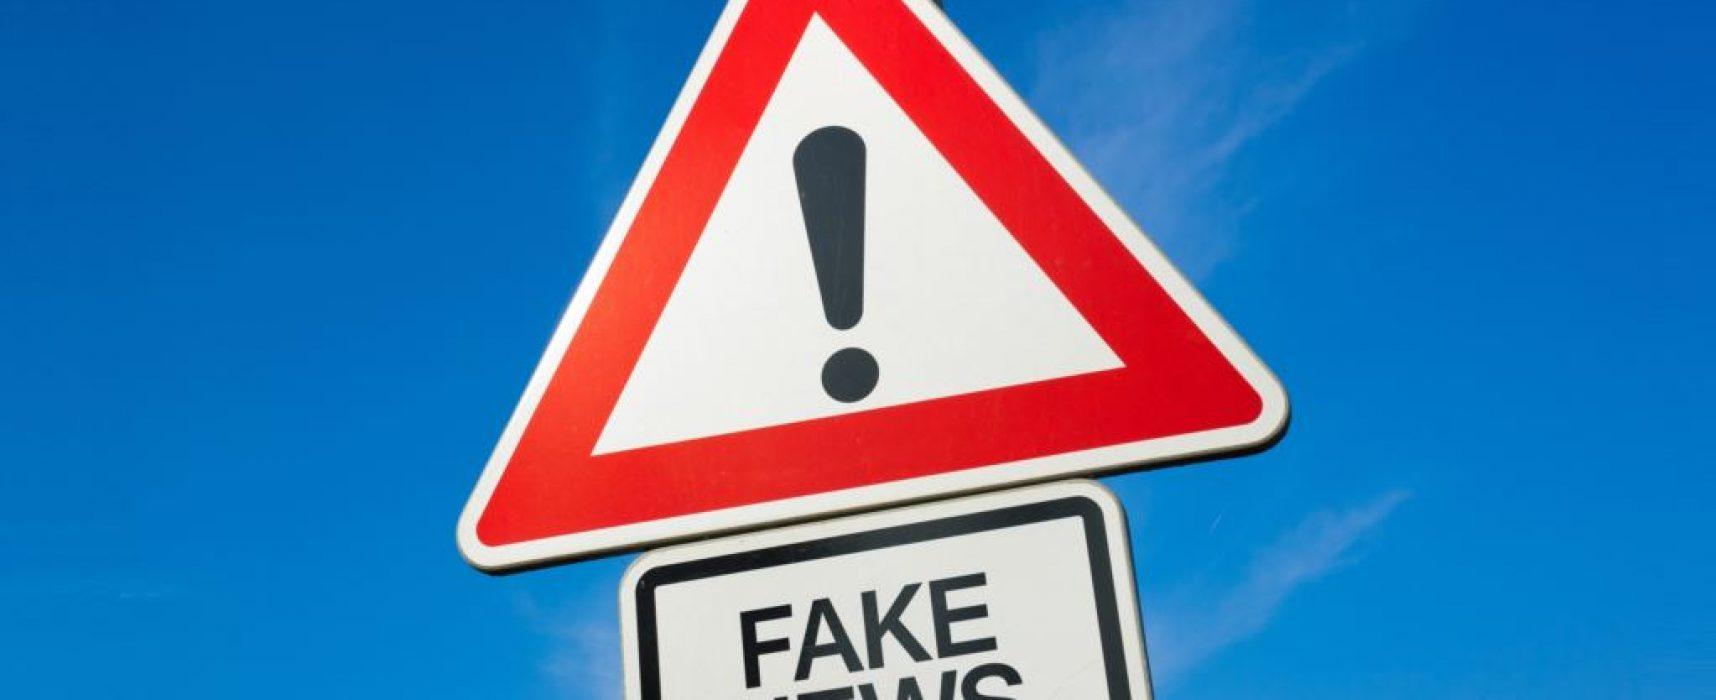 Фейкове срещу санкциите: защо РФ разпространява дезинформация в Словакия